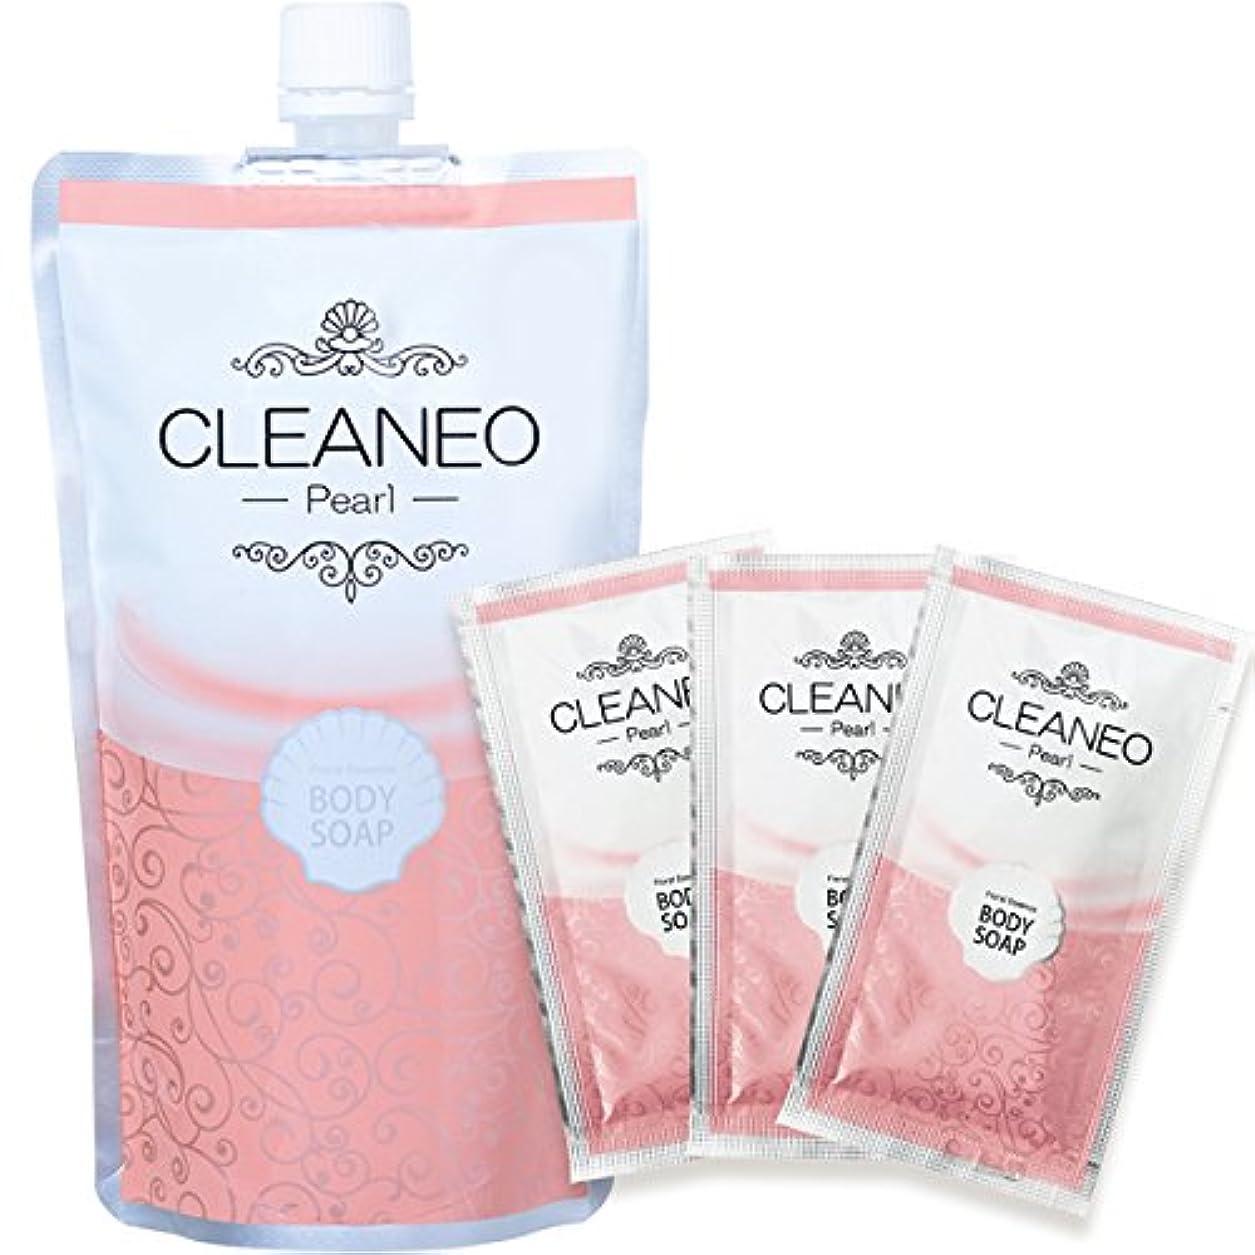 ライオン規範存在するクリアネオ公式(CLEANEO) パール オーガニックボディソープ?透明感のある美肌へ 詰替300ml + パールパウチセット